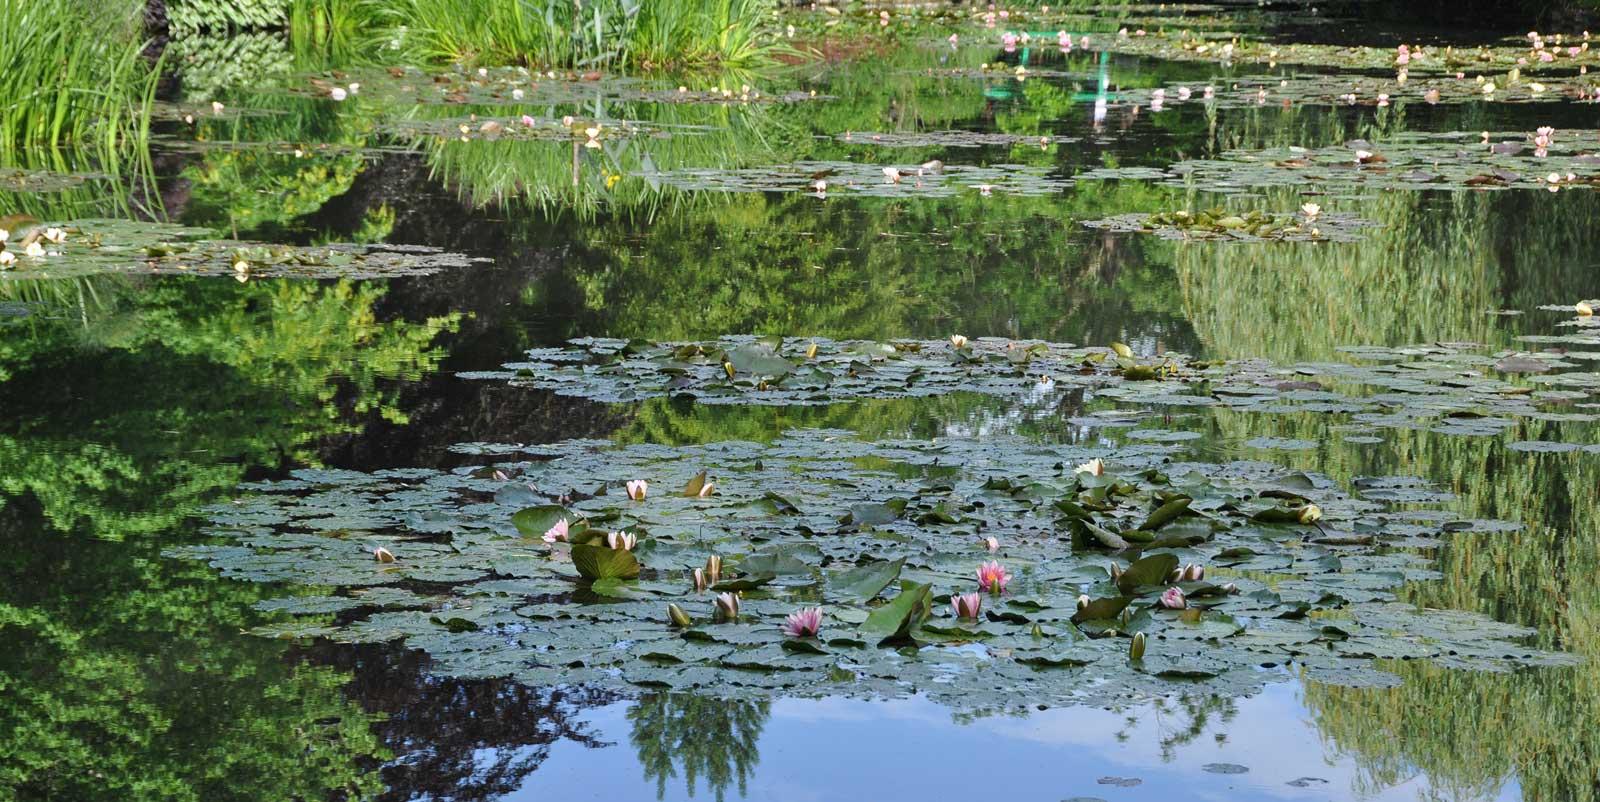 Les nympheas de Giverny par Claude Monet peintre impressionniste